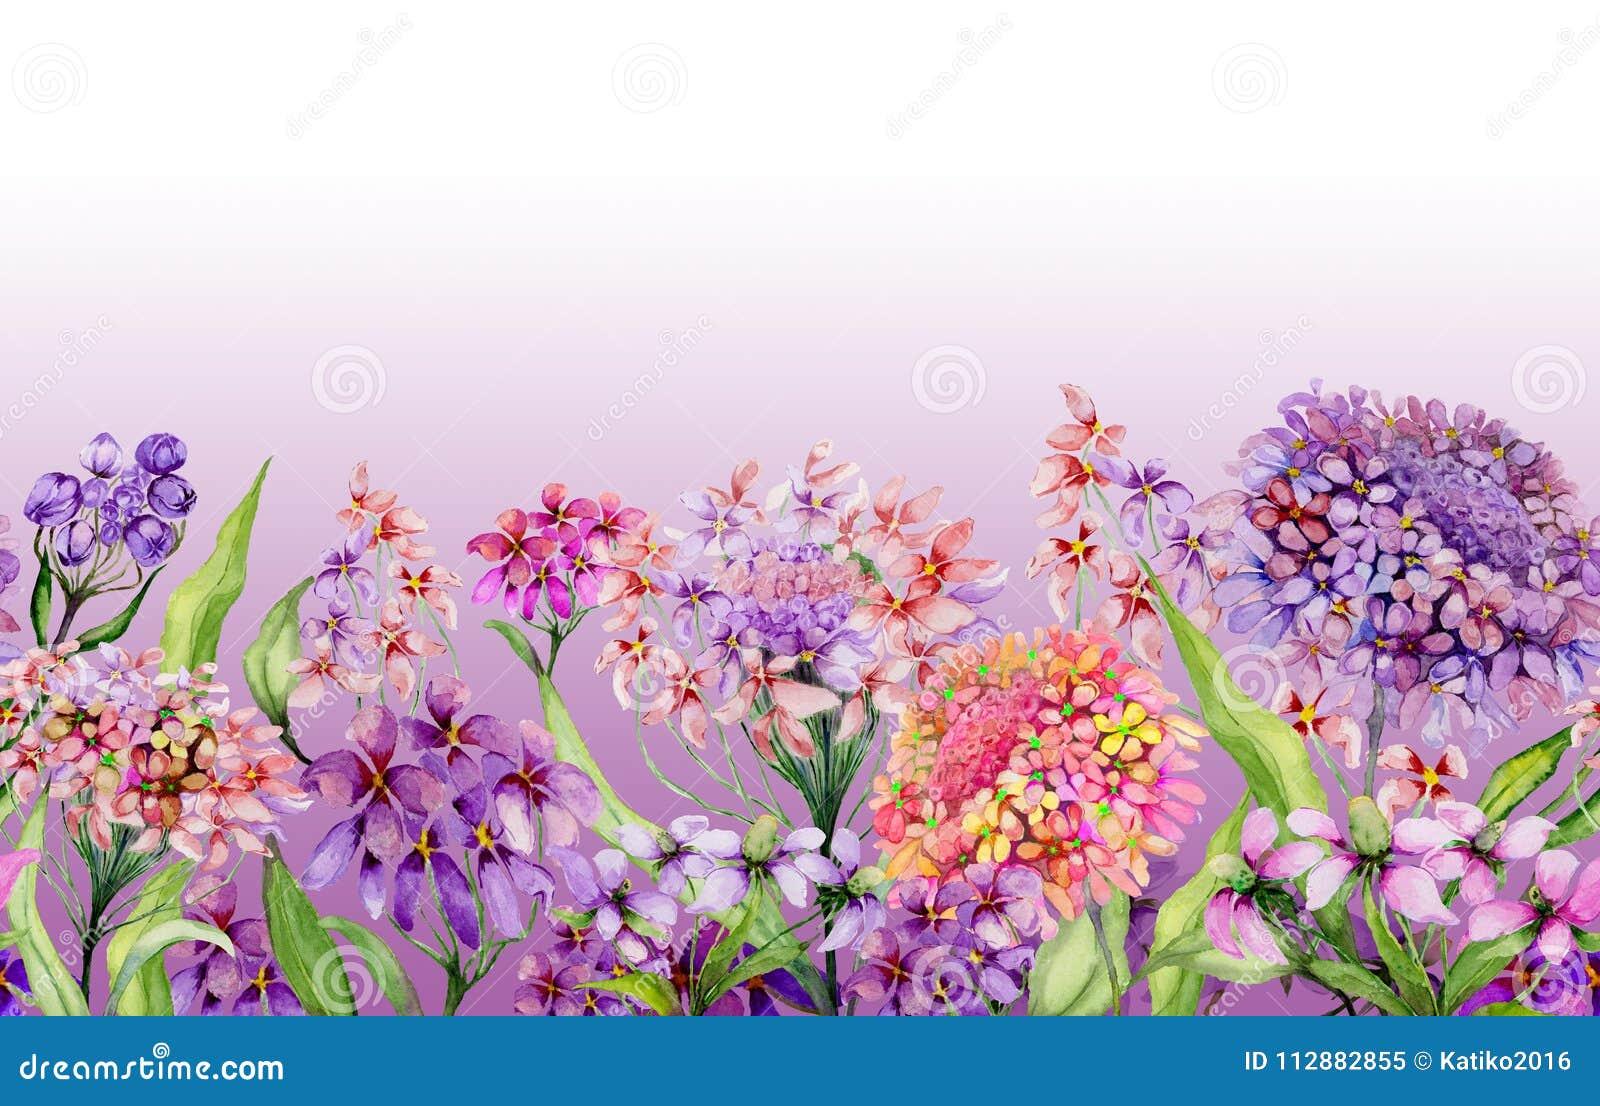 Breite Fahne des bunten Sommers Schöner klarer Iberis blüht mit grünen Blättern auf rosa Hintergrund Horizontale Schablone